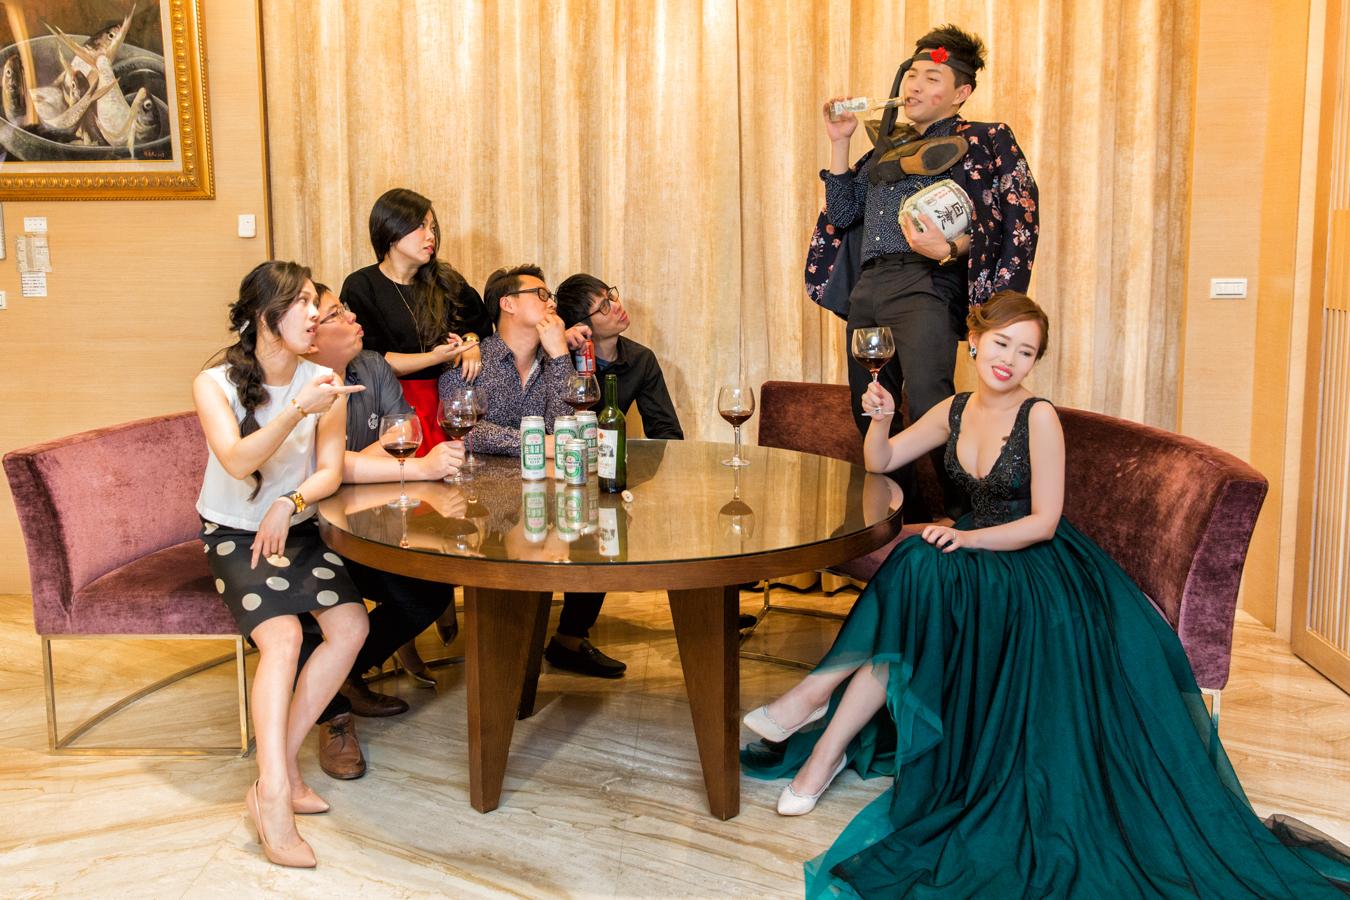 自助婚紗 | 東達+筑馨  PREWEDDING  甘單行瓦 a Room  |國內婚紗|台南婚紗